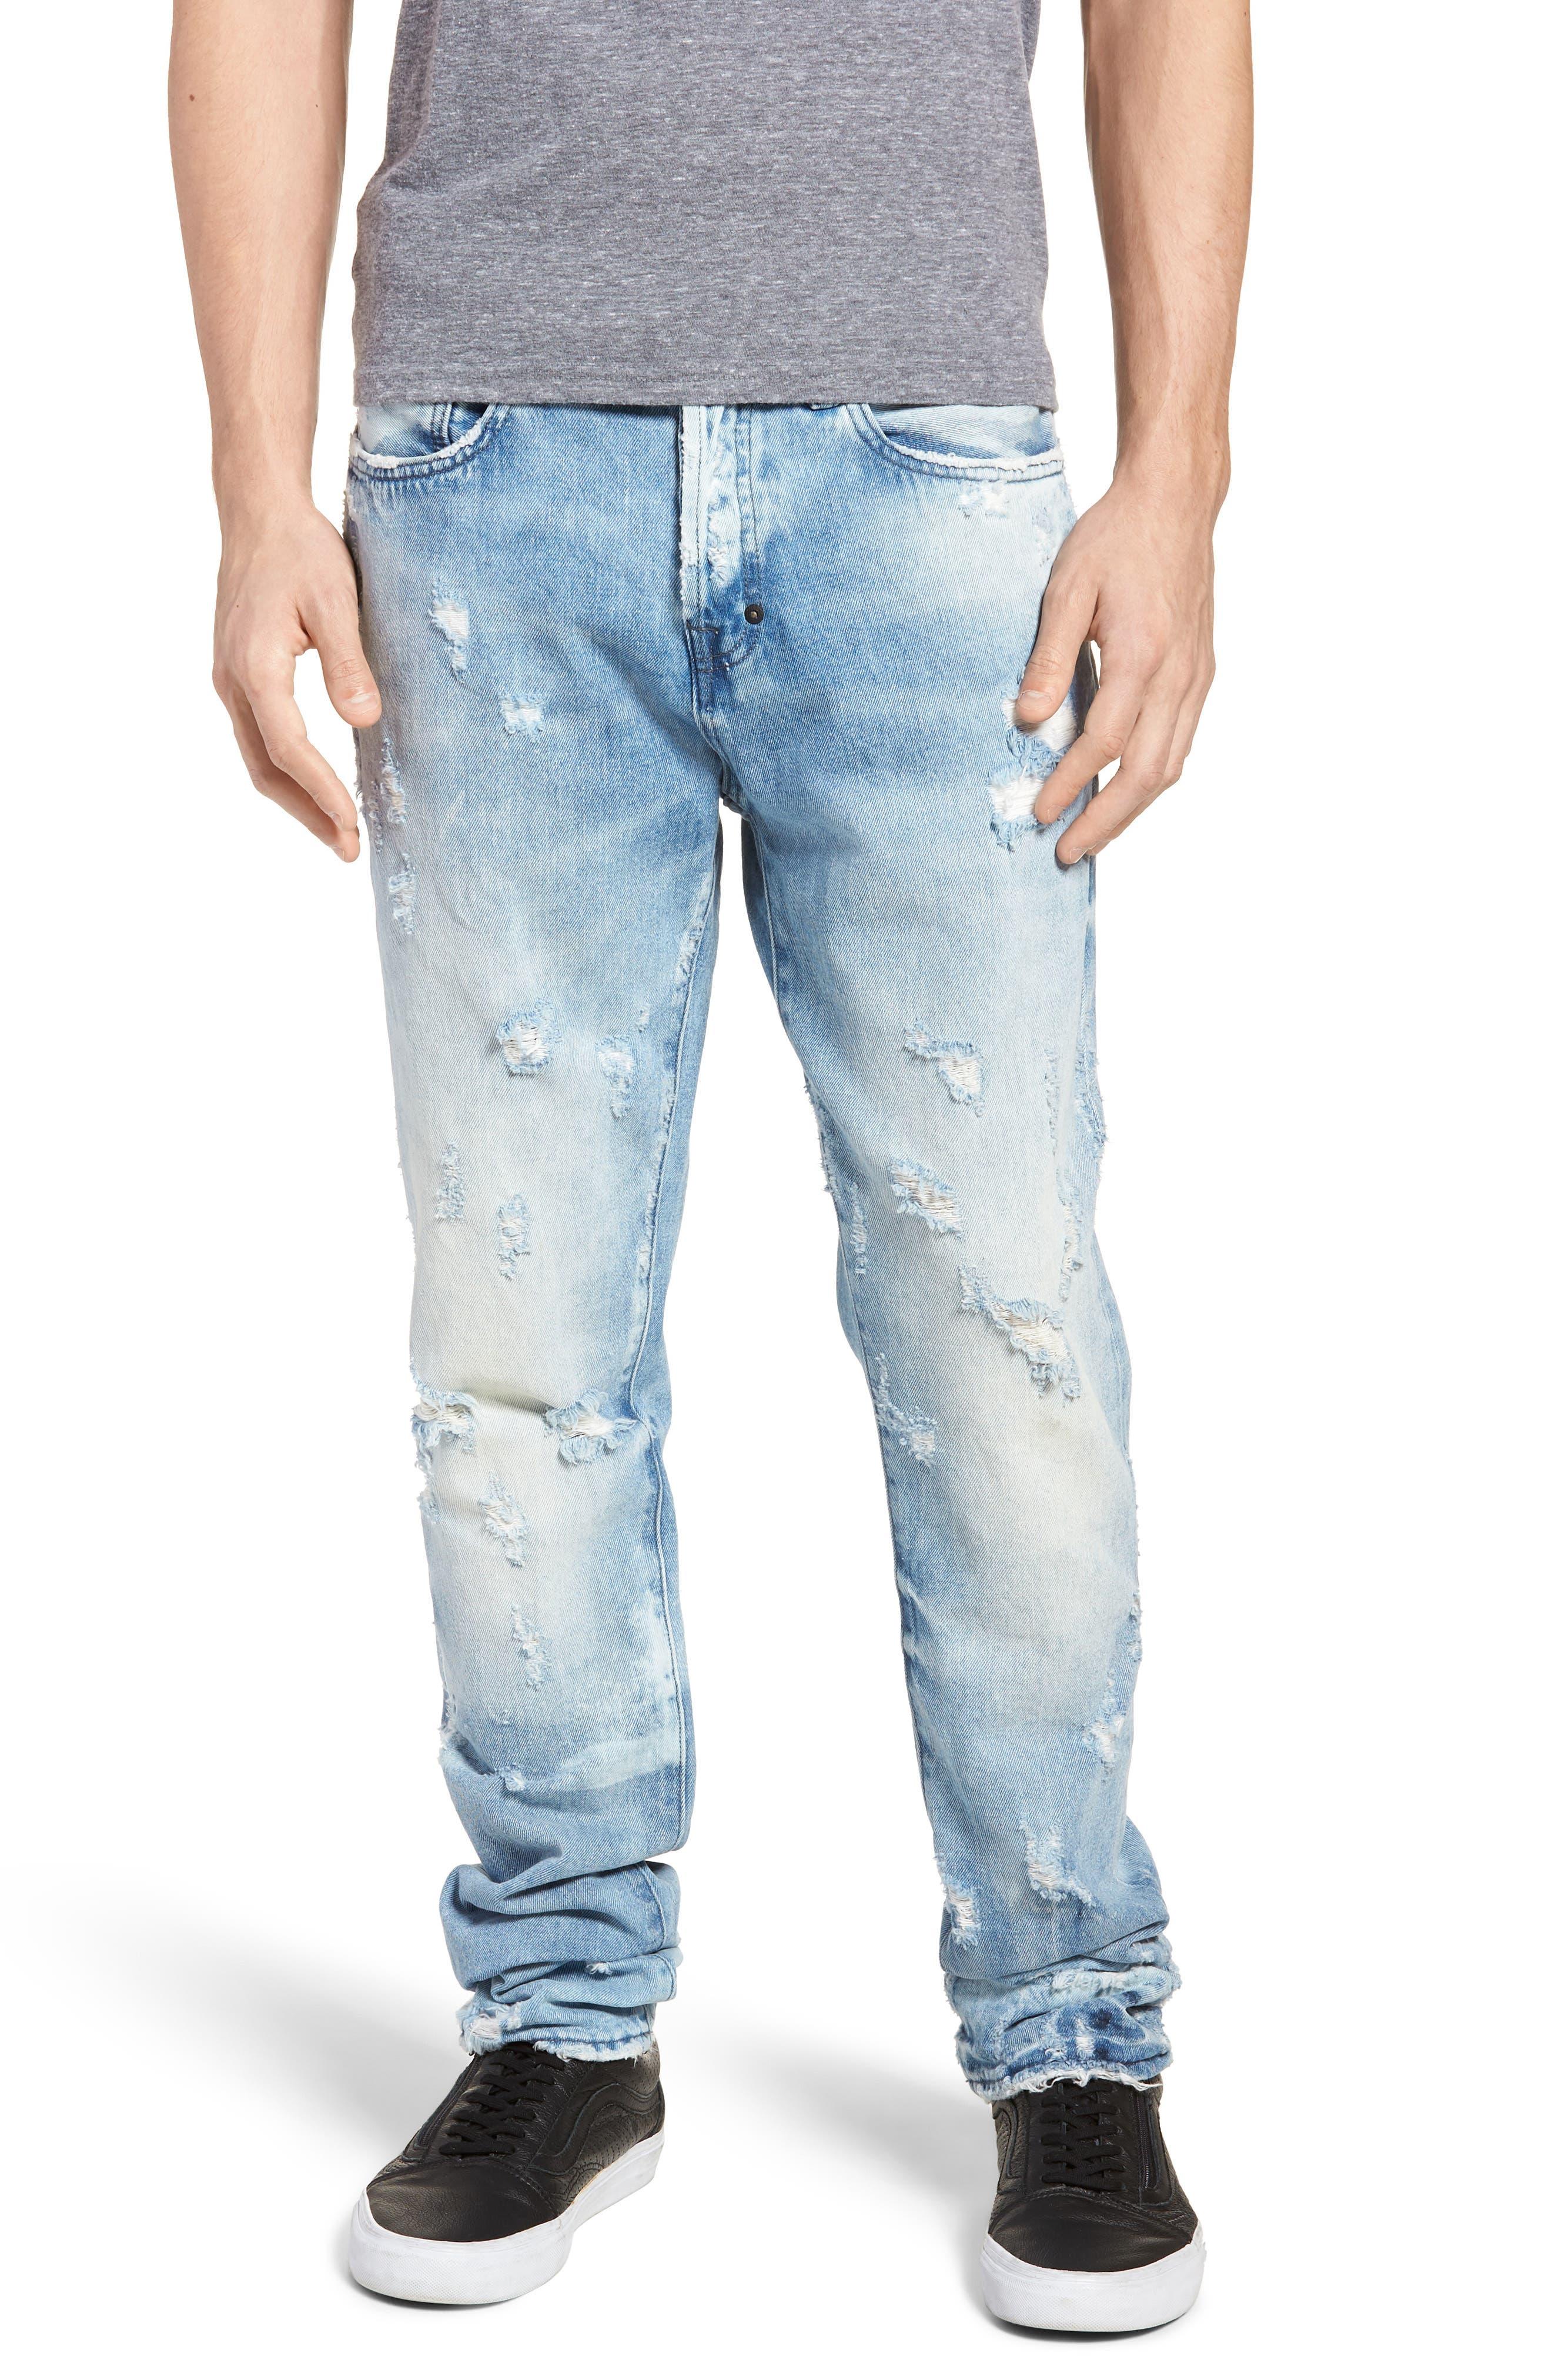 Le Sabre Slim Fit Jeans,                         Main,                         color, Tenderness